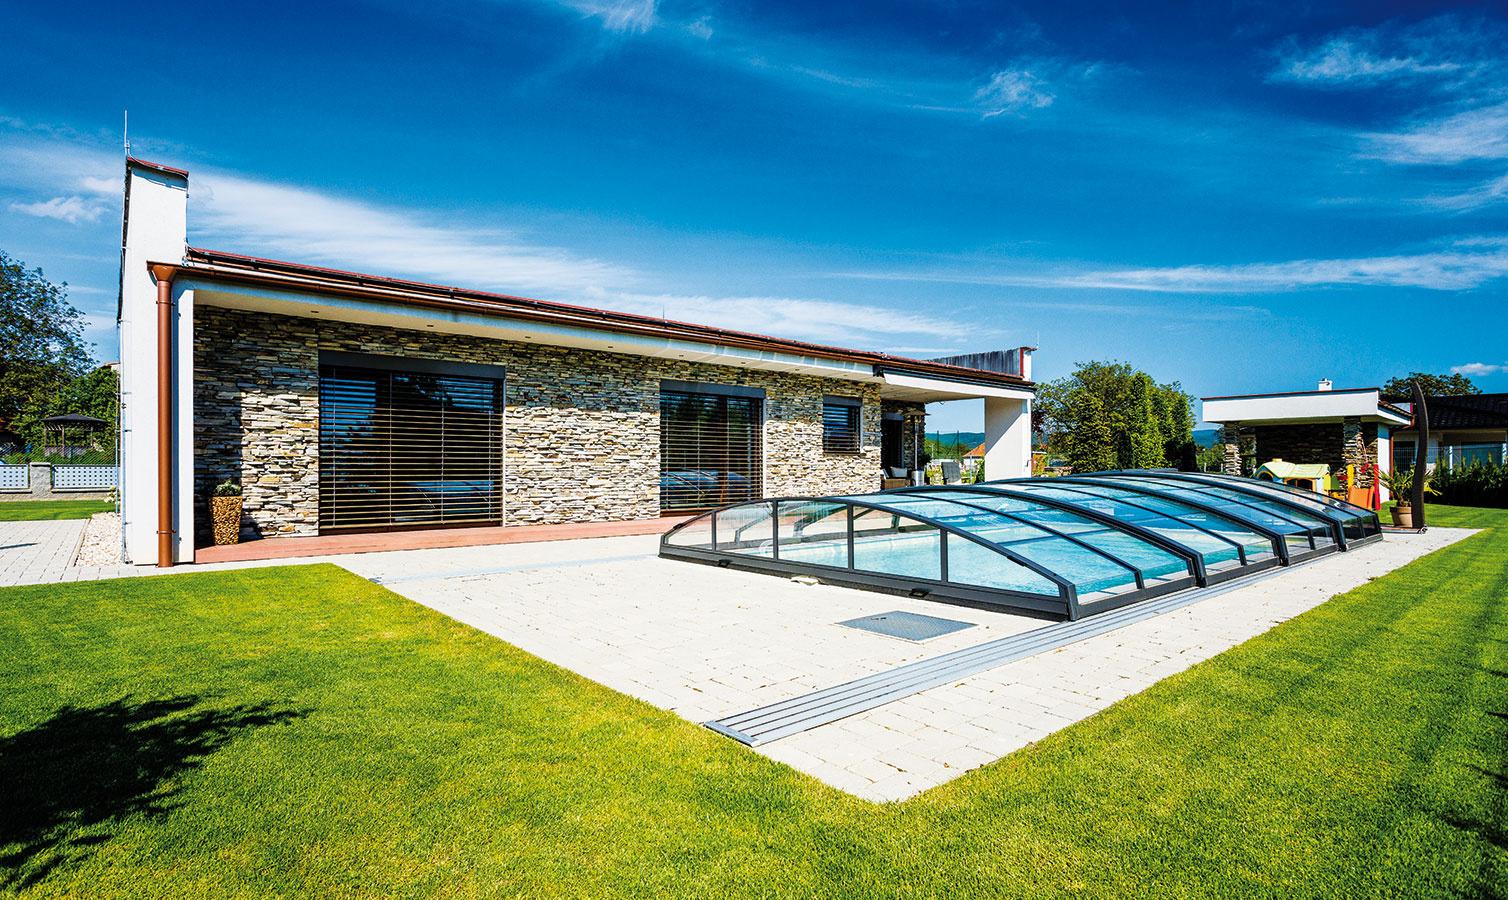 Za domom, vjužne orientovanej záhrade, do ktorej sa obracajú okná všetkých izieb okrem pracovne, sa naplno relaxuje. Záhrade dominuje bazén uprostred udržiavaného trávnika, ktorý spolu sterasou, fasádnym obkladom zrezaného prírodného kameňa asivou dlažbou navodzuje pocit dovolenkového apartmánu.